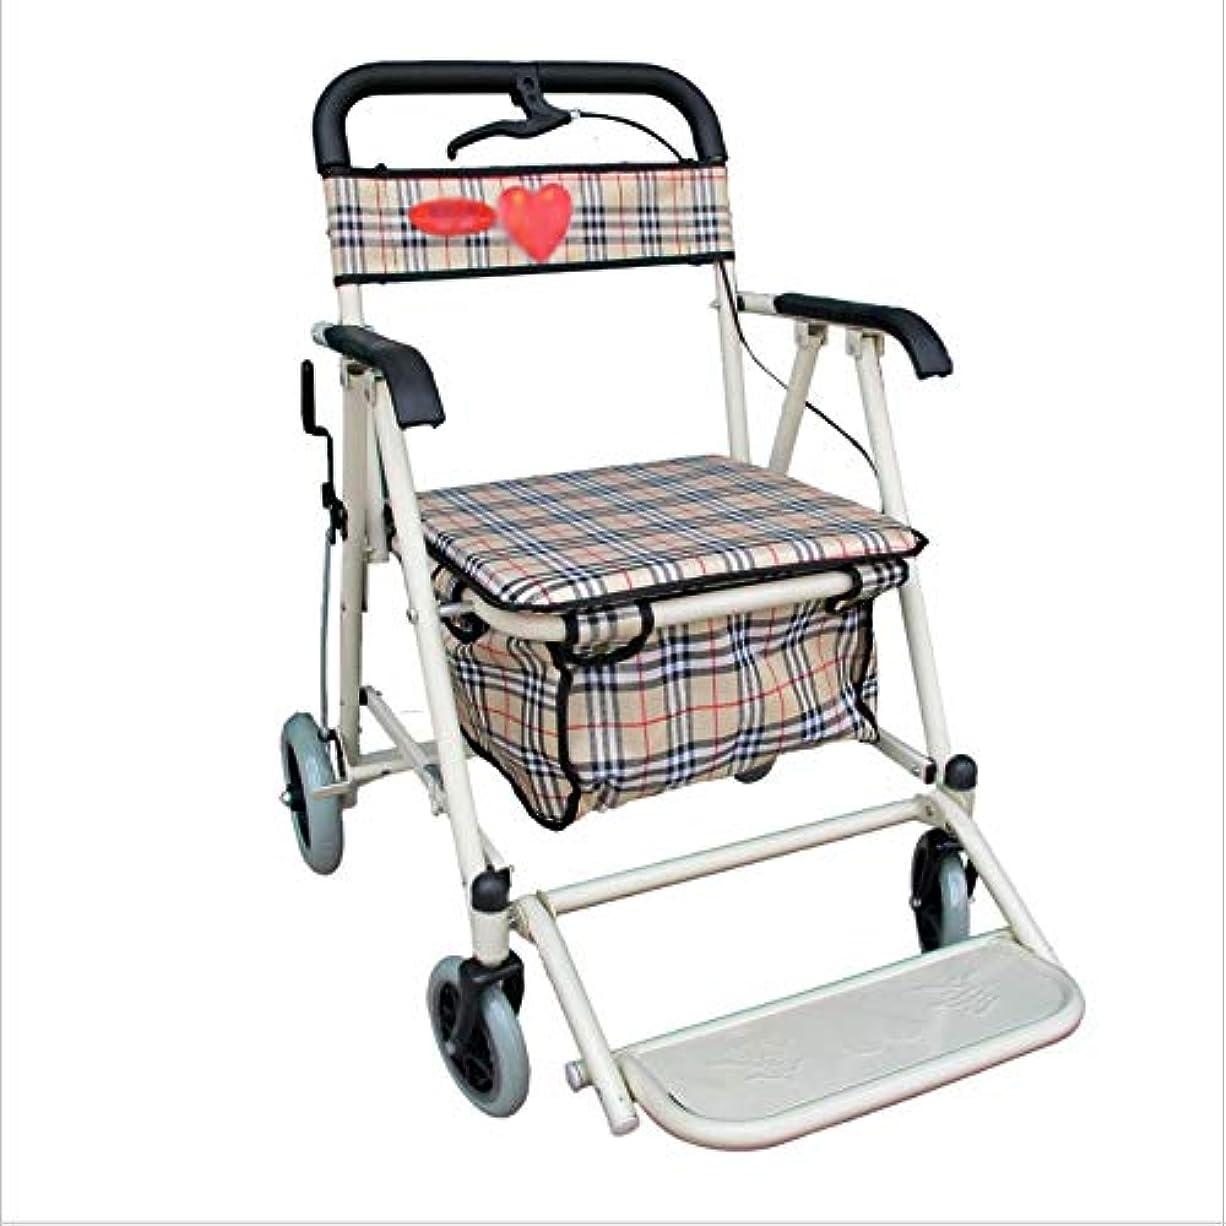 座標左湿った高齢者手押しショッピングカート、アルミウォーカー、滑り止めウォーカー4本足杖屋外バスルーム使用不可 (Color : Multi-colored)